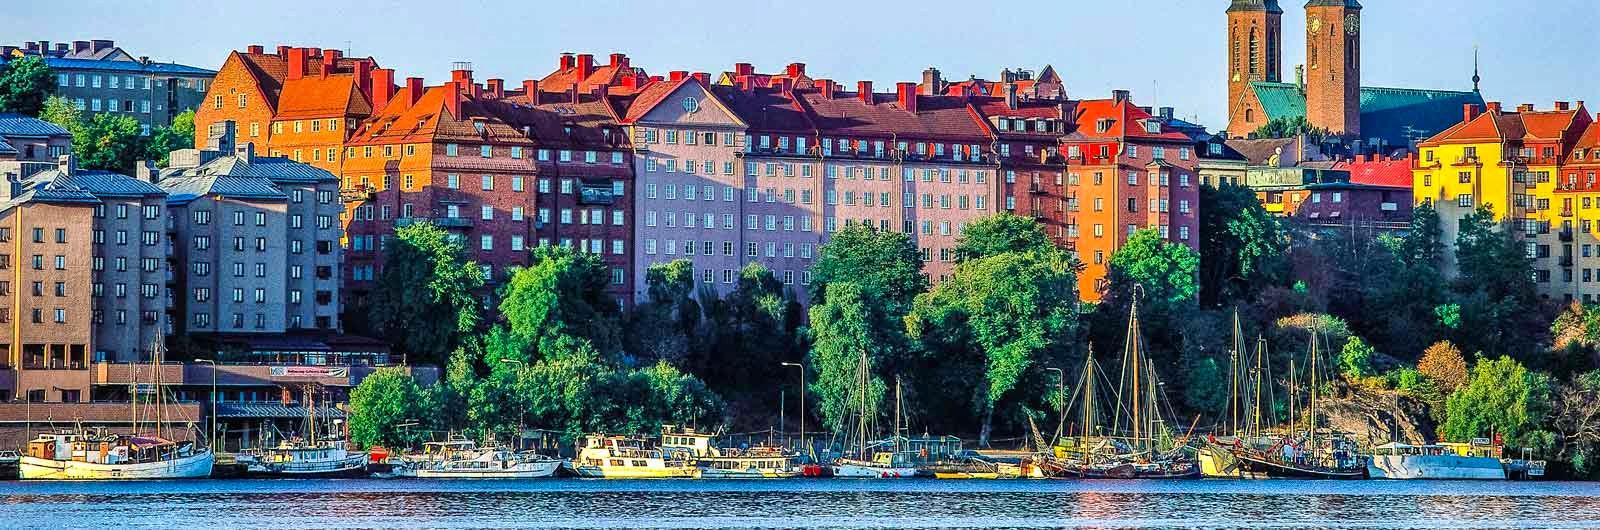 Byggnader i solljus på Södermalm